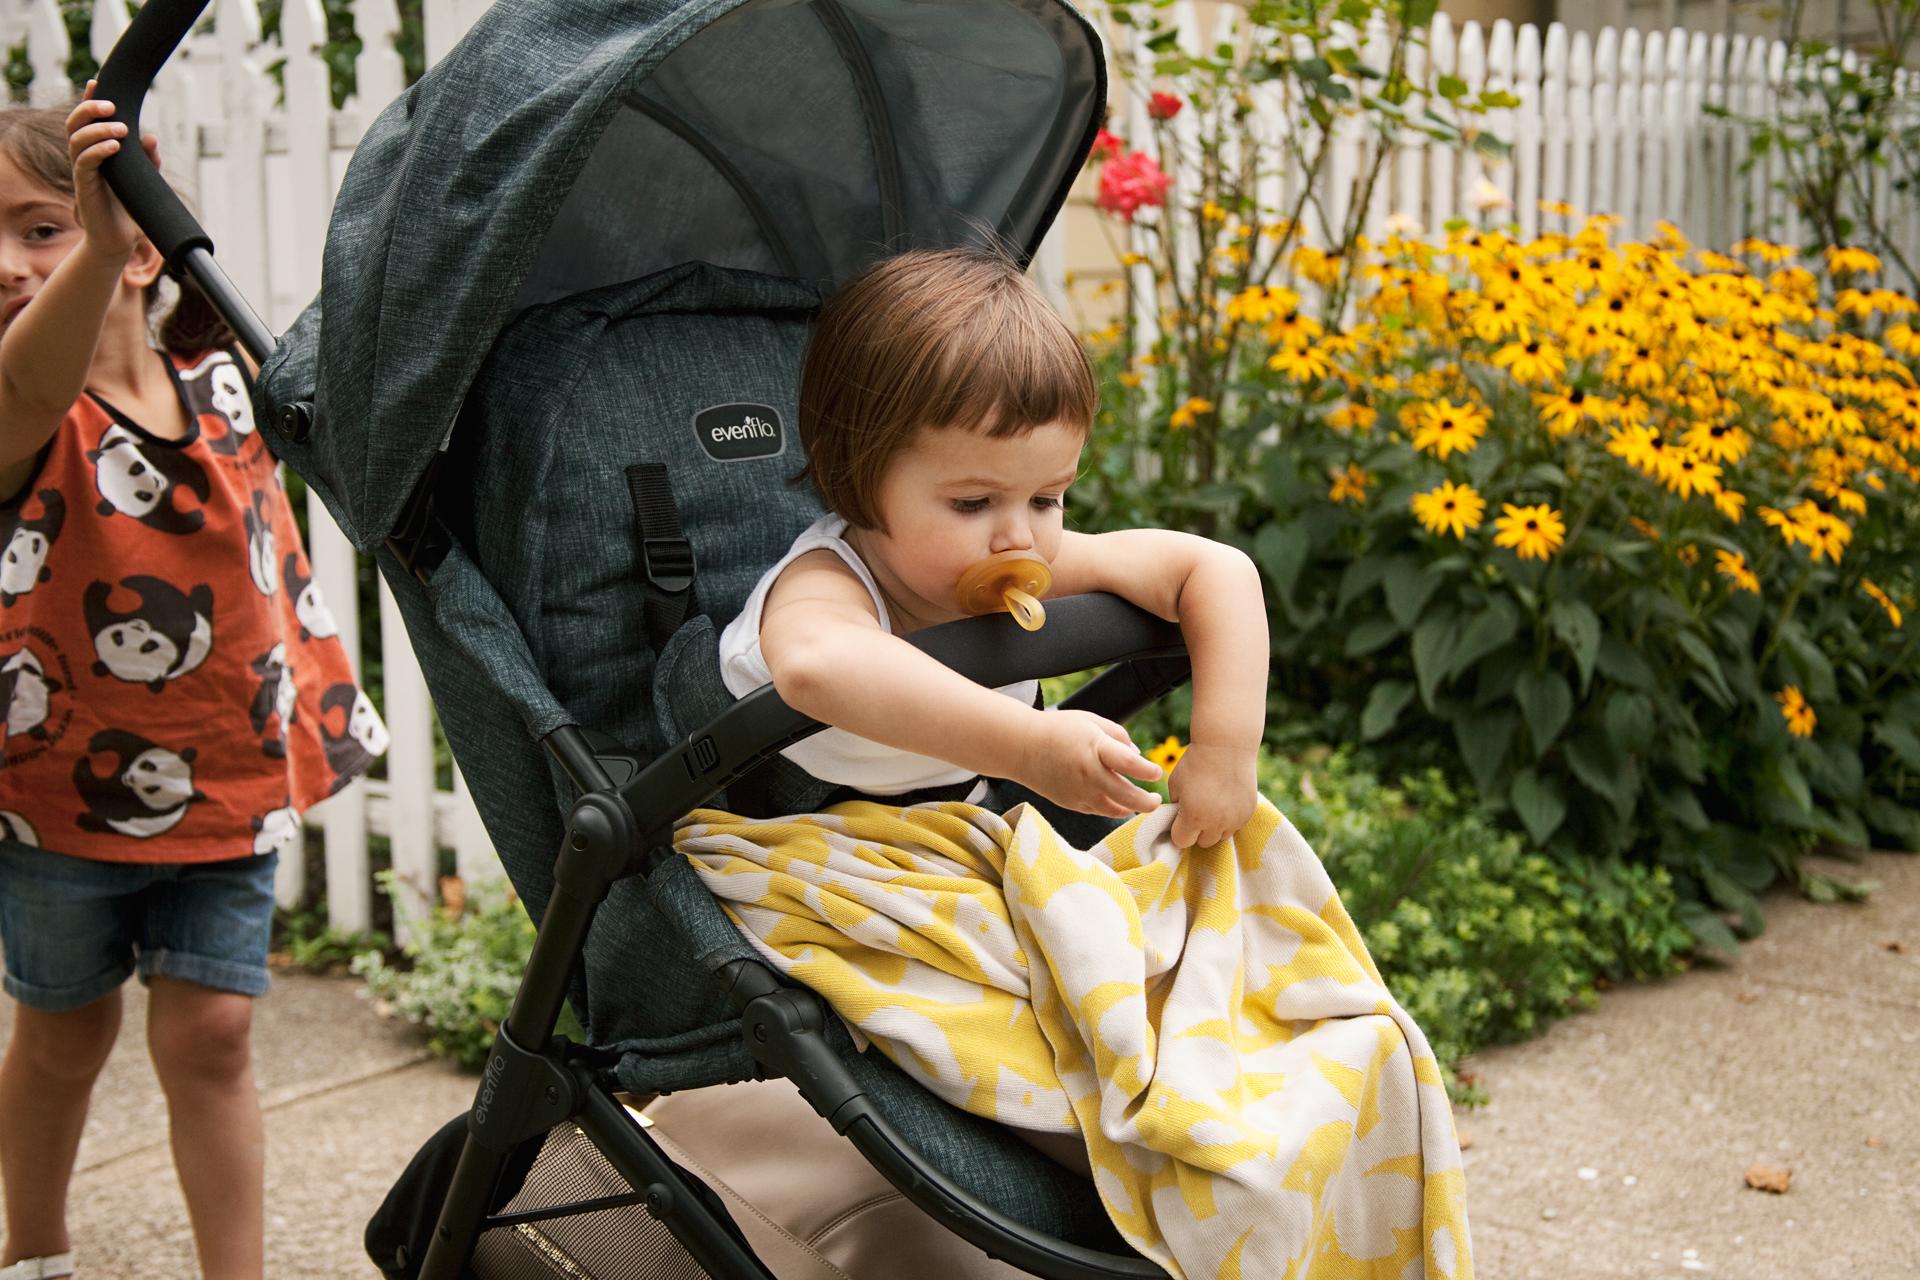 evenflo sibby stroller